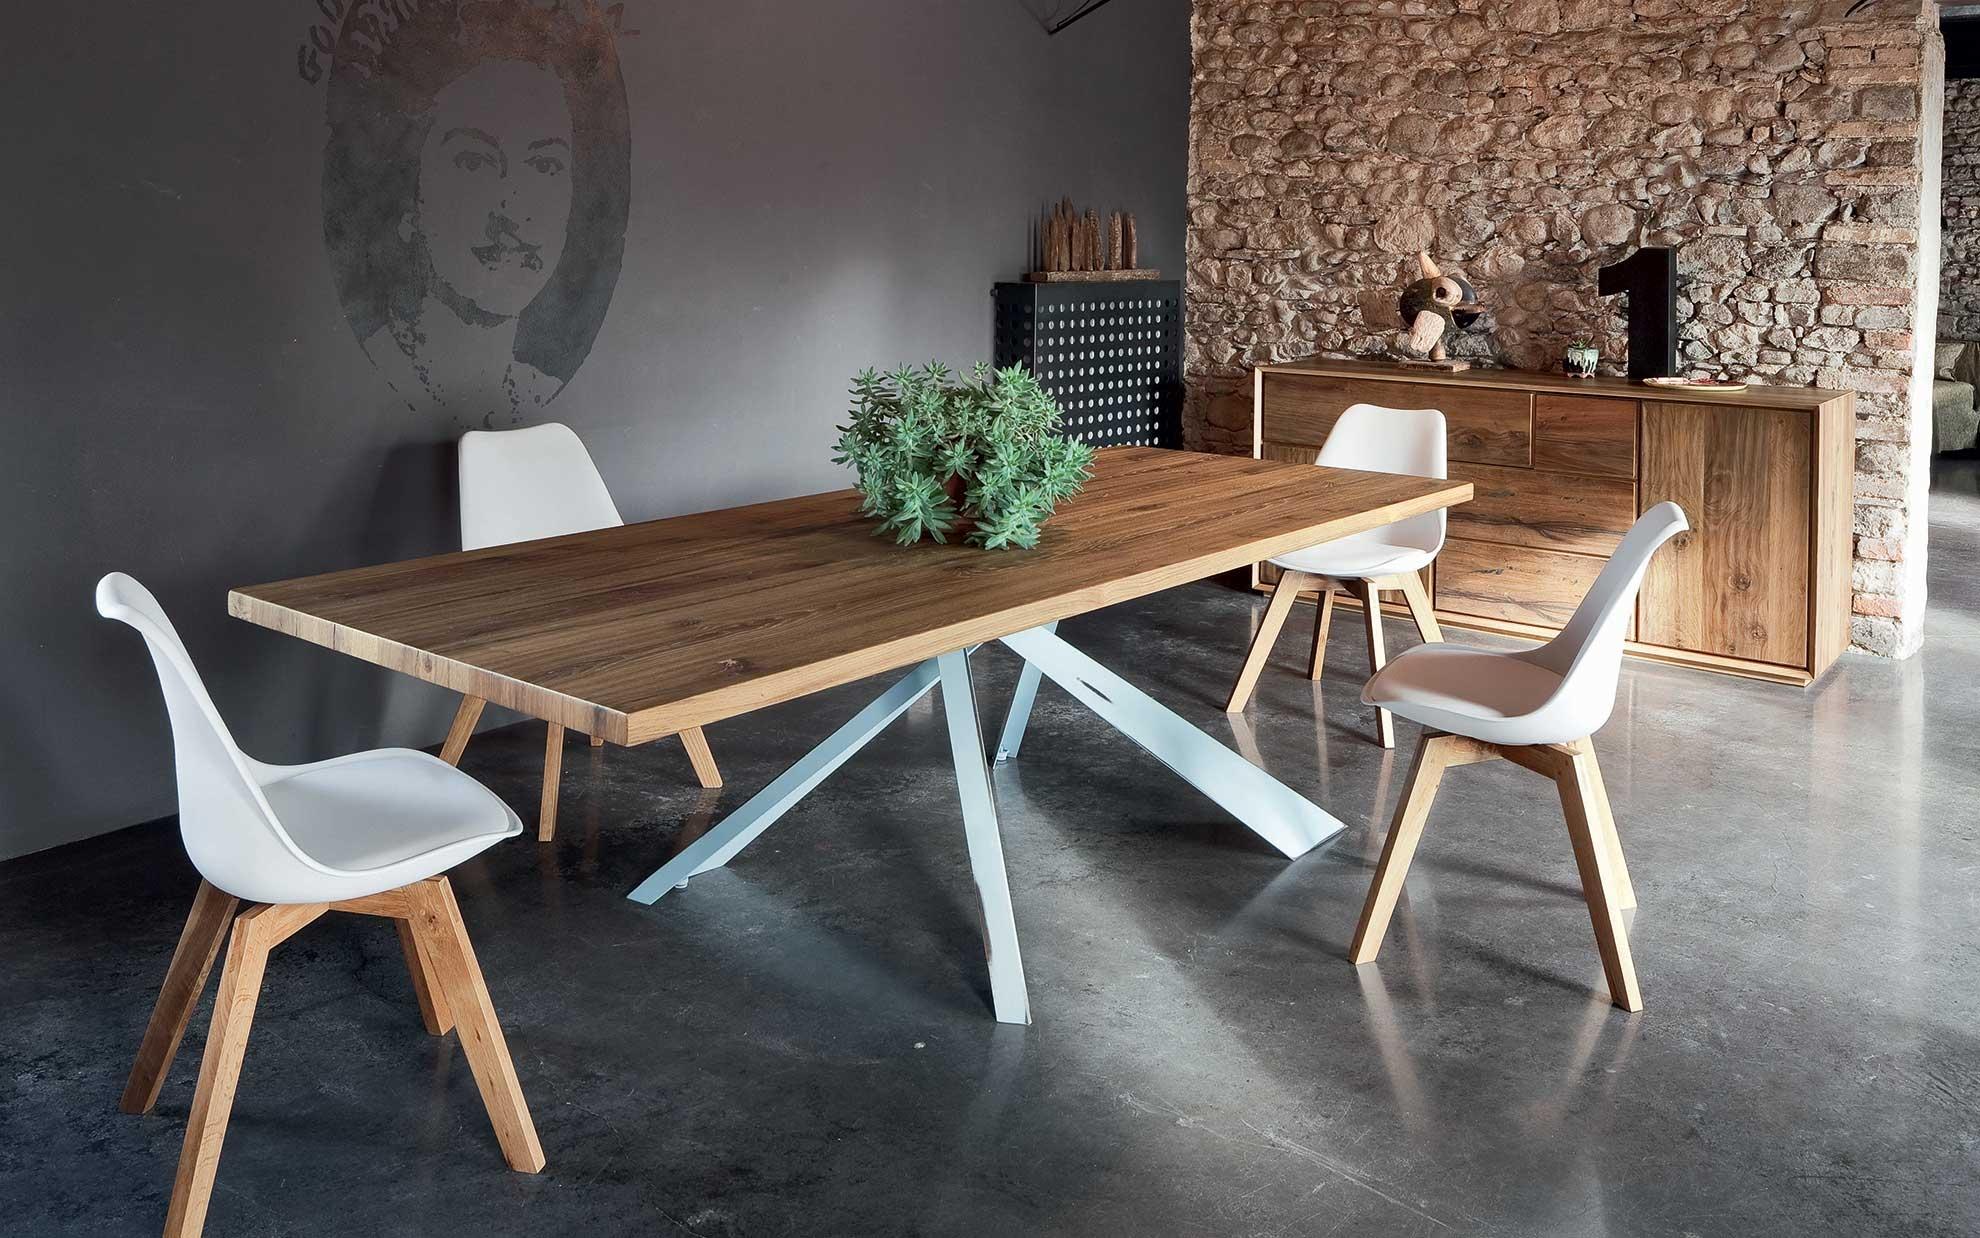 Tavolo alta corte modello parigi tavoli a prezzi scontati - Gambe in ferro per tavoli ...